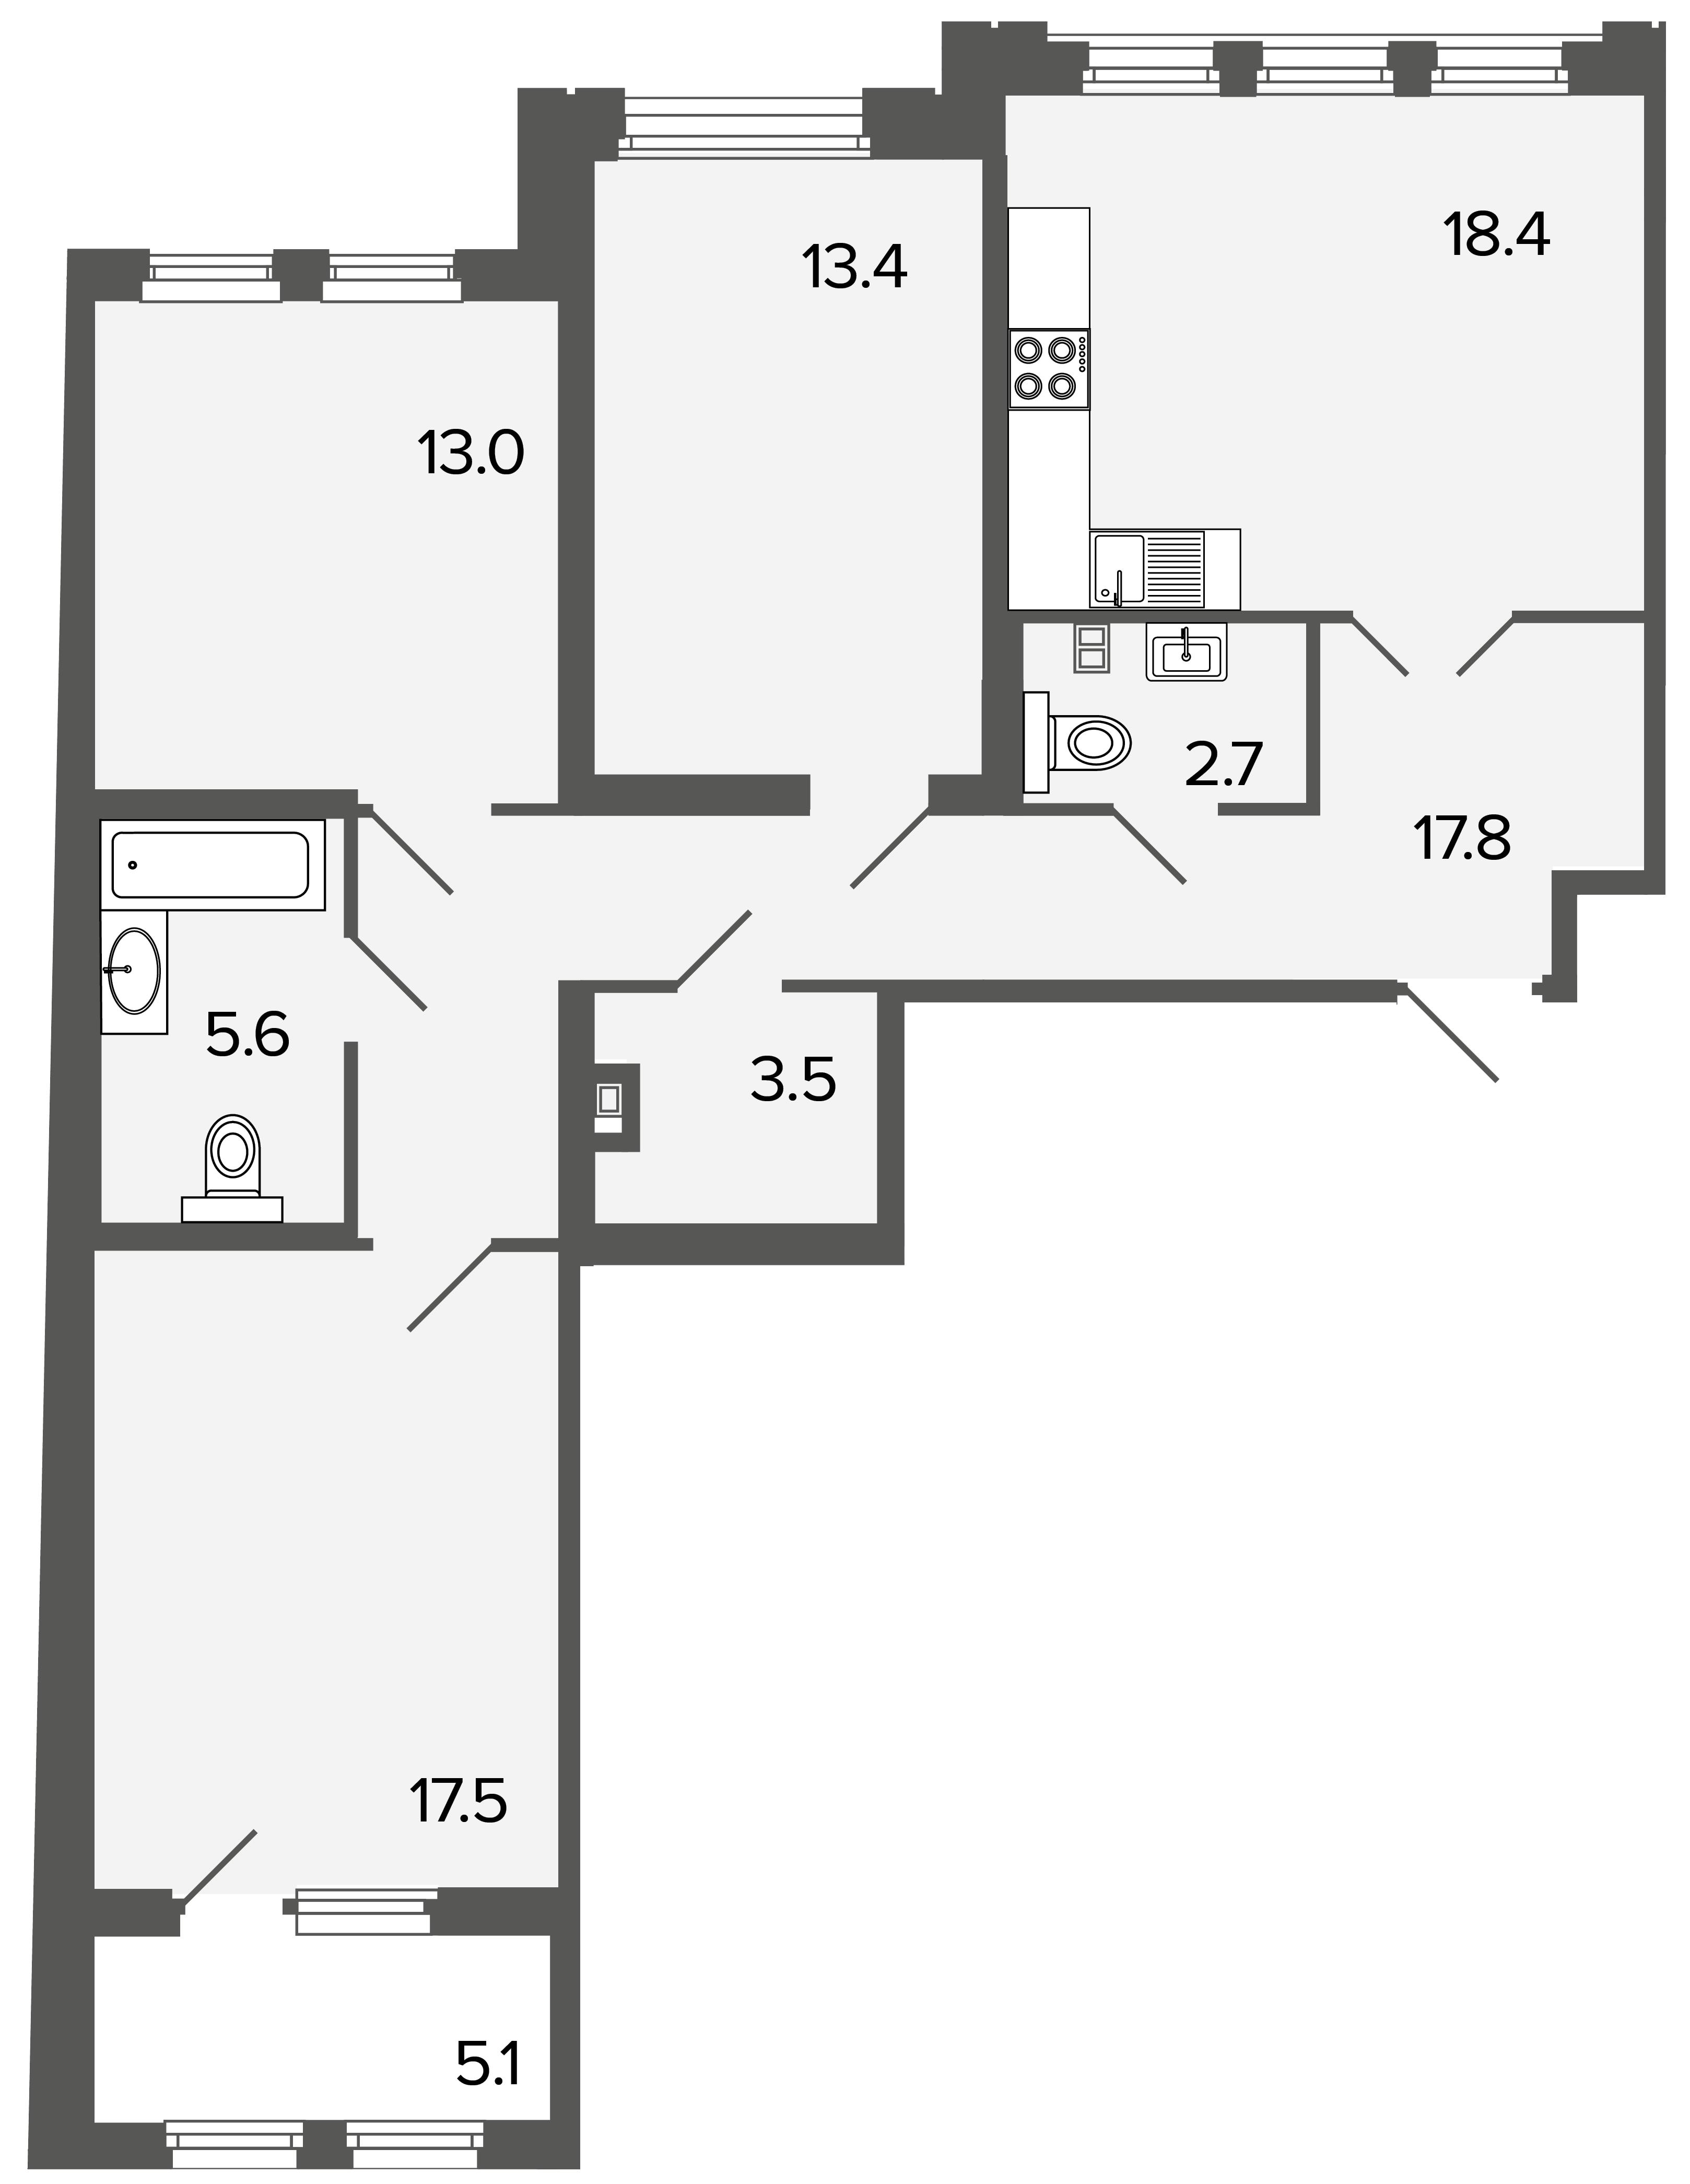 3-комнатная квартира №26 в: Созидатели: 91.9 м²; этаж: 3 - купить в Санкт-Петербурге